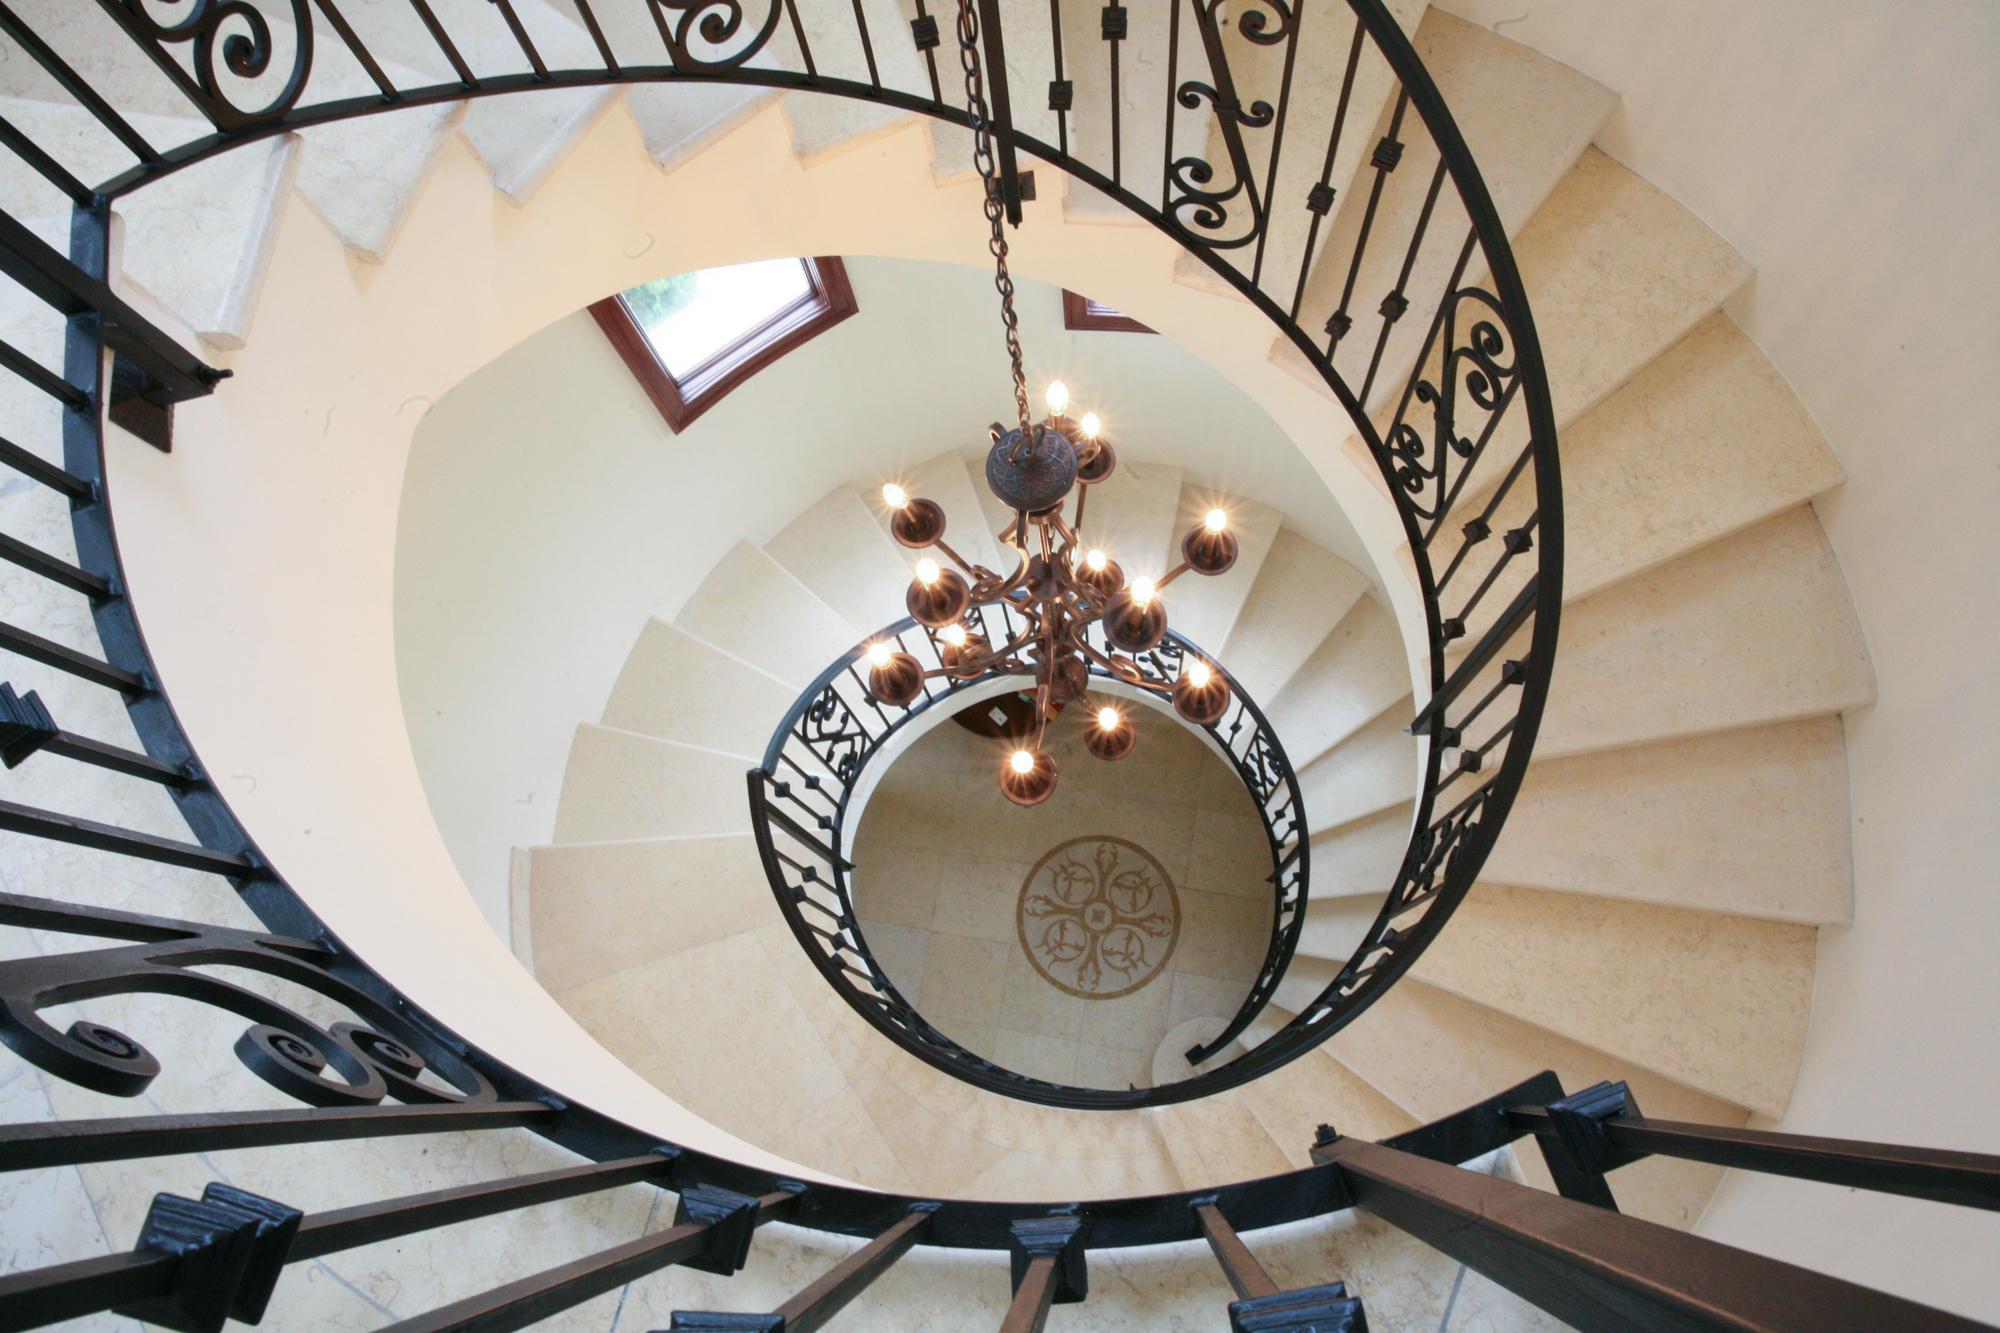 Property For Sale at Villa Palermo #5 - La Dolce Vita